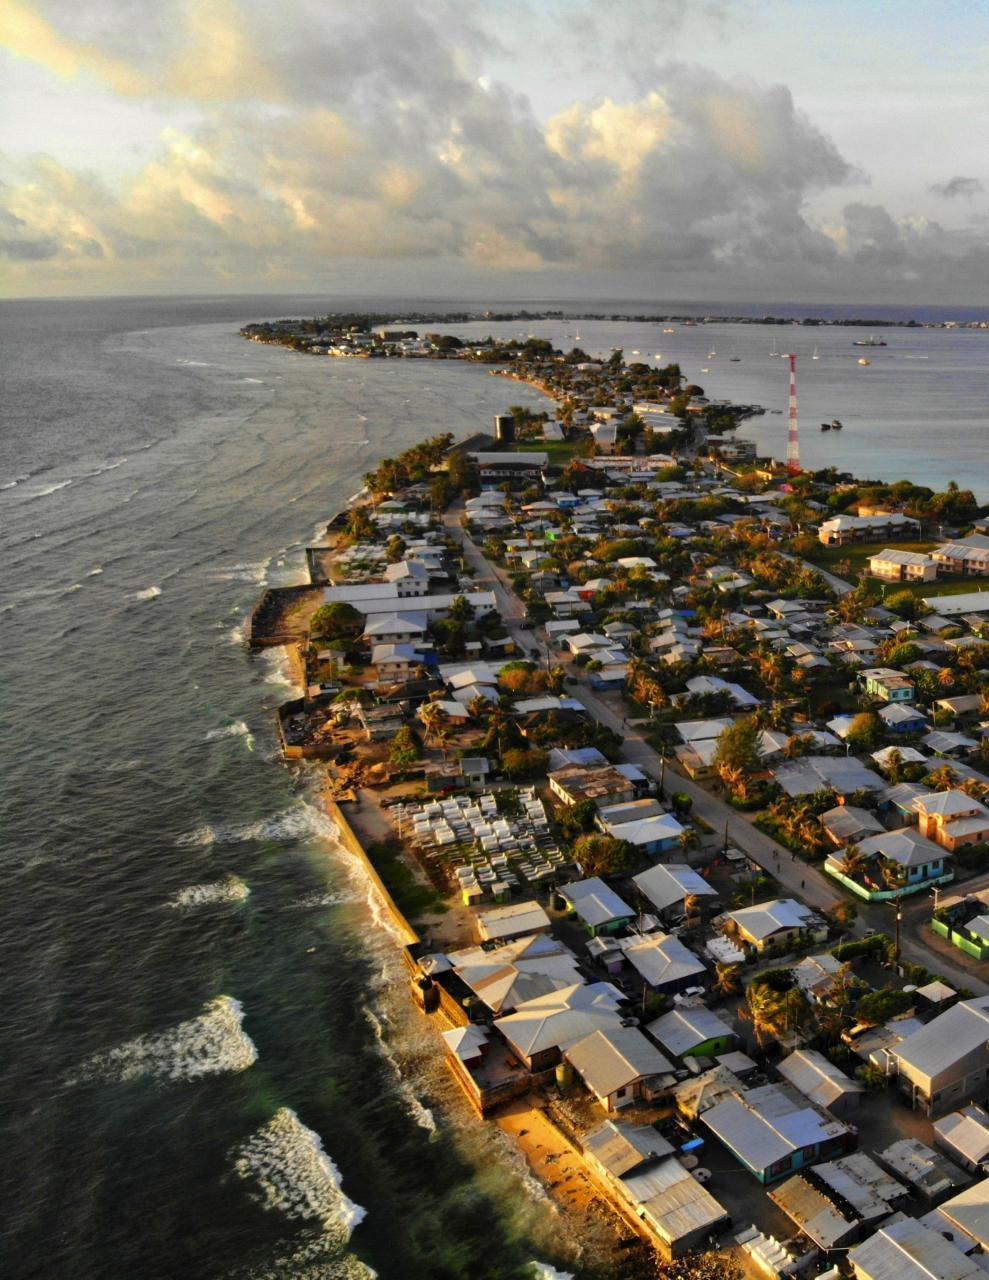 ماجورو عاصمة جزر مارشال